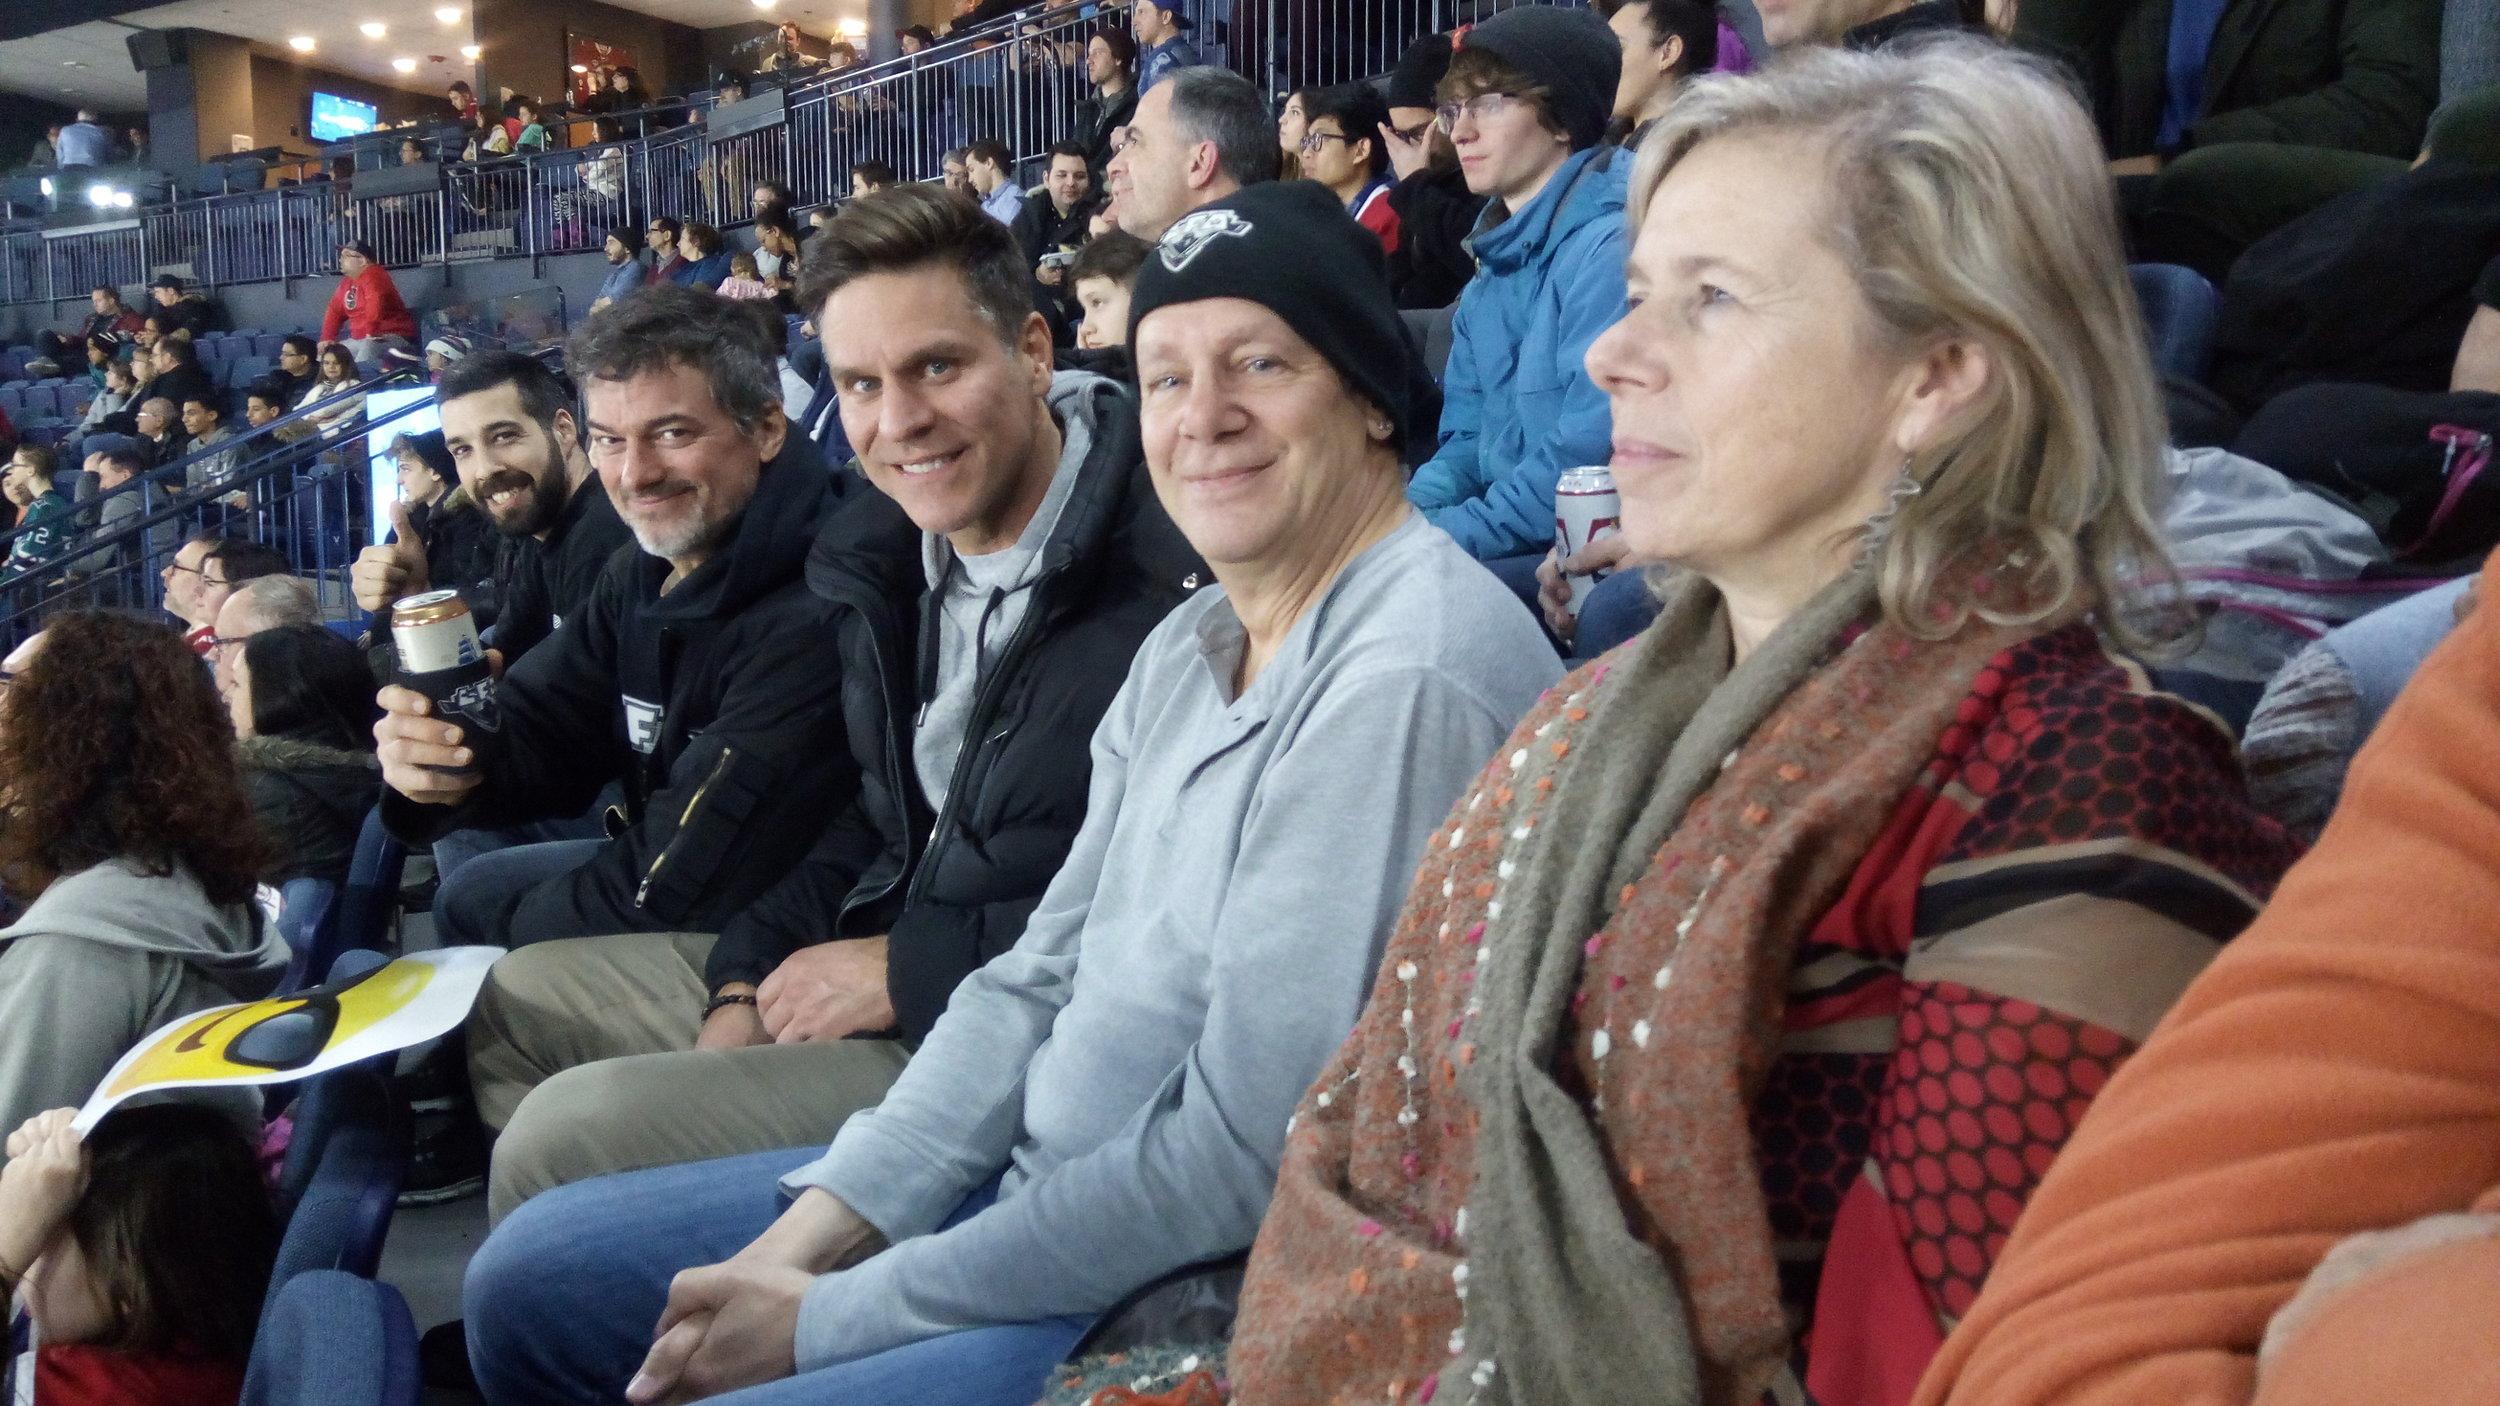 Quelques uns des boys de la LFA lors du match du Rocket de Laval le 22 février dernier. (photo lisette nepveu)